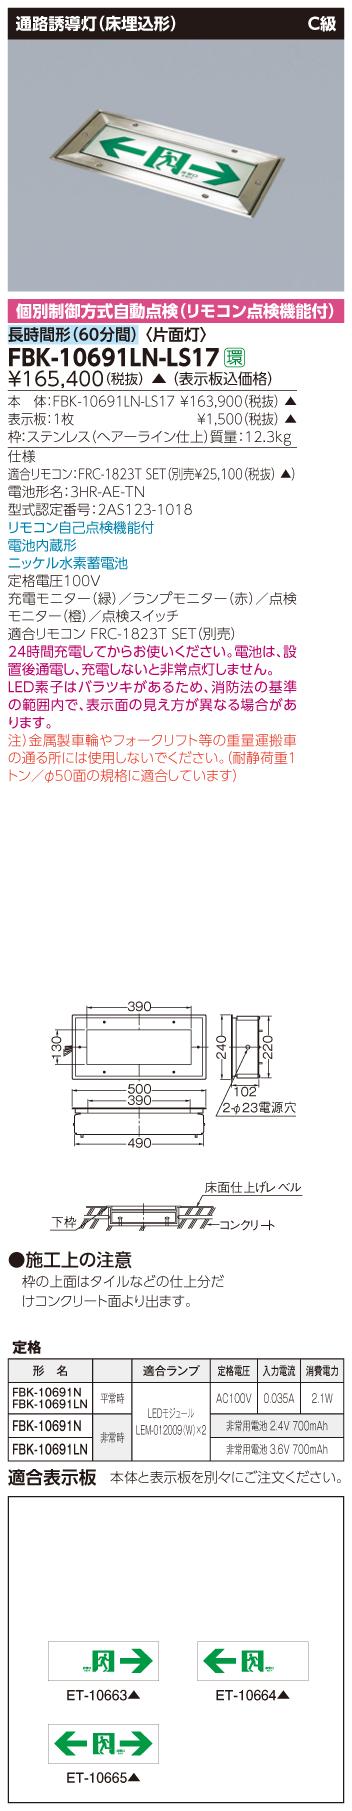 【法人様限定】東芝 FBK-10691LN-LS17 LED誘導灯 床埋込形 電池内蔵 片面 C級 長時間(60分) 【表示板別売】